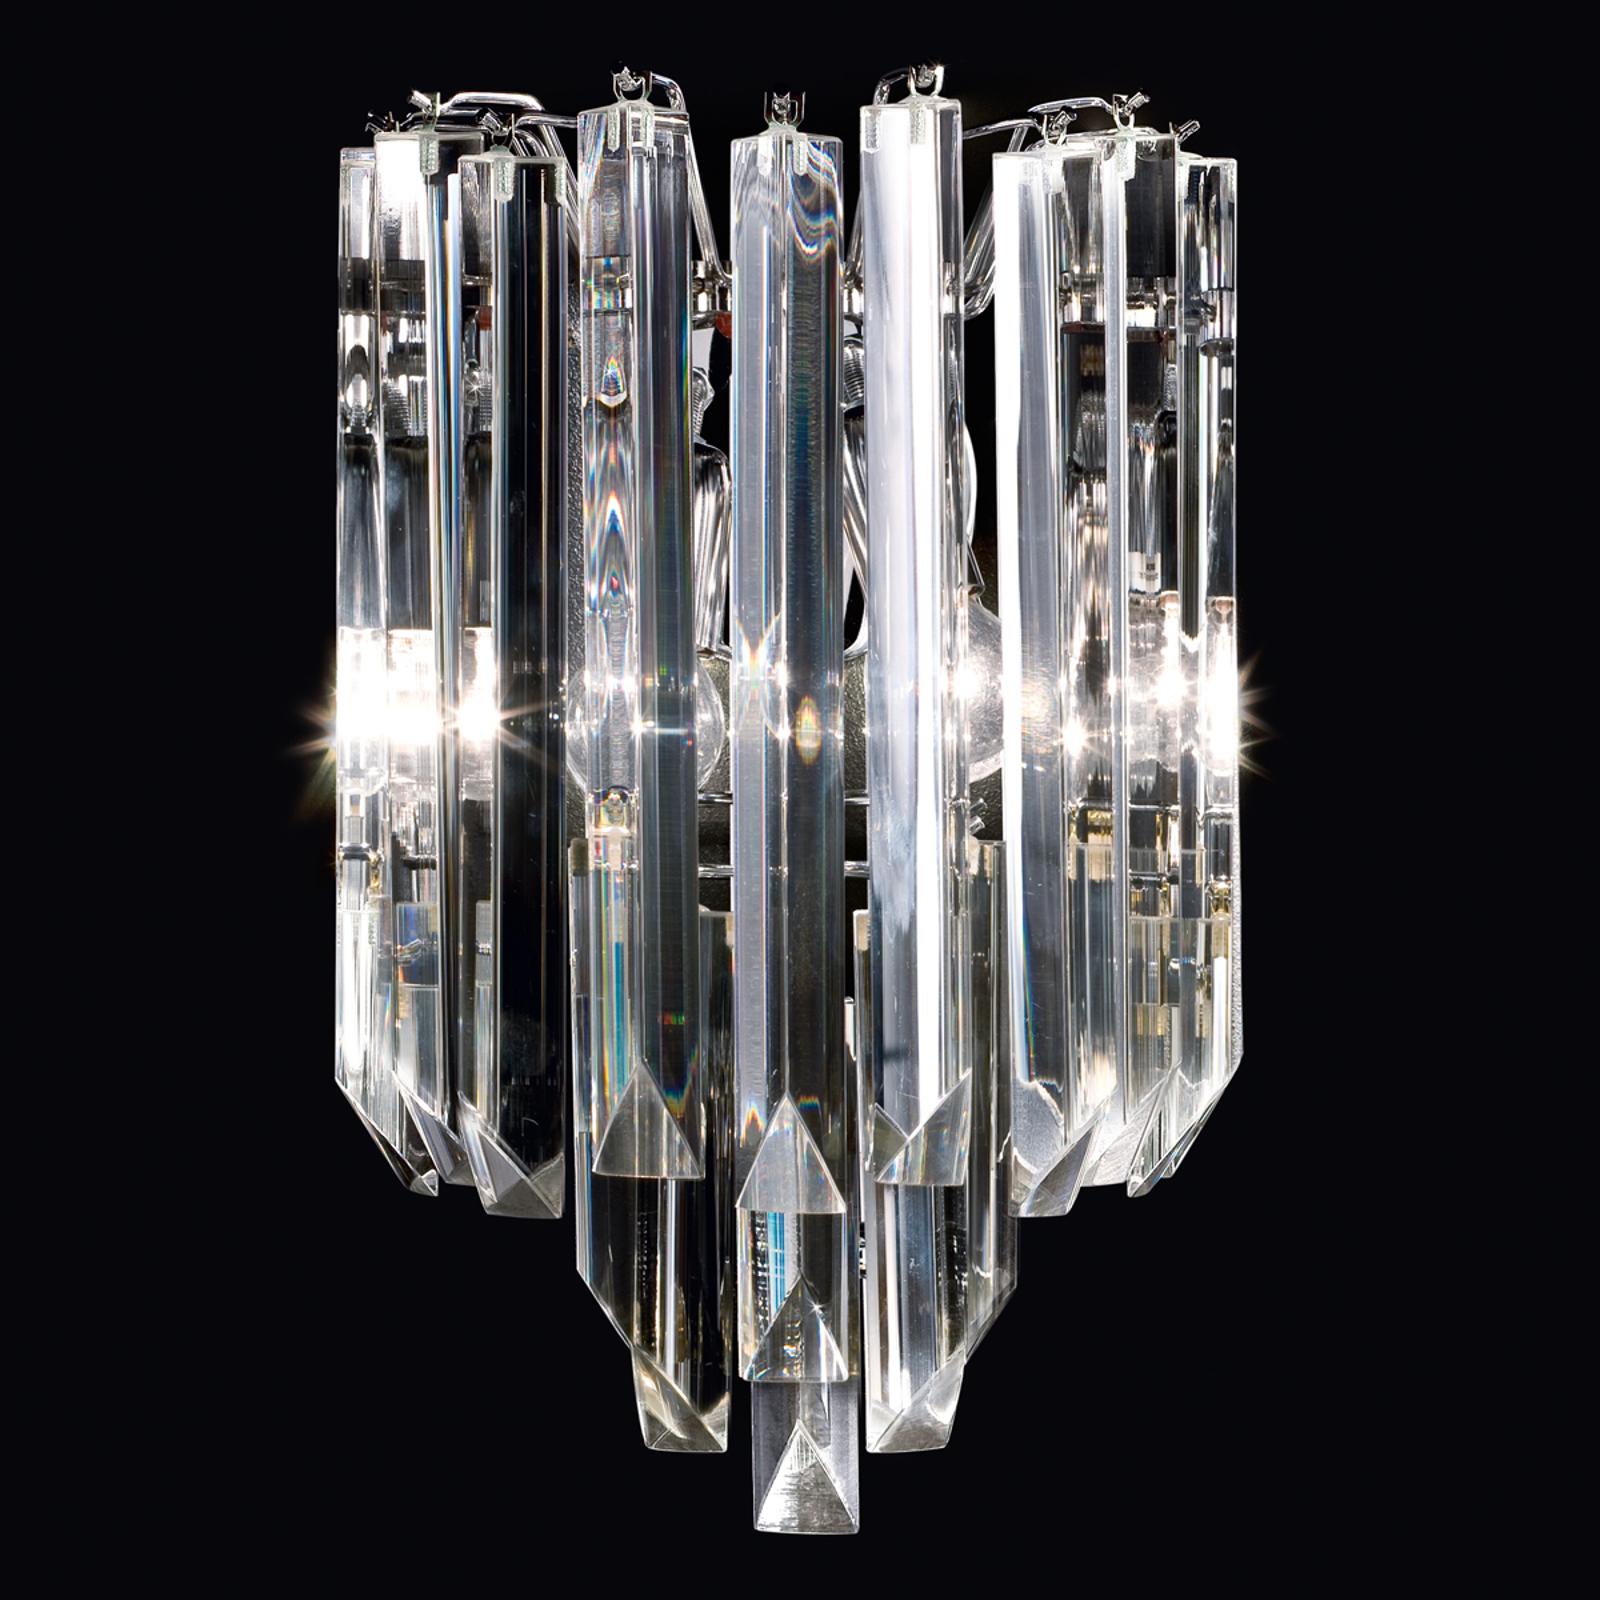 Applique Cristalli in vetro di Murano cromo 25 cm